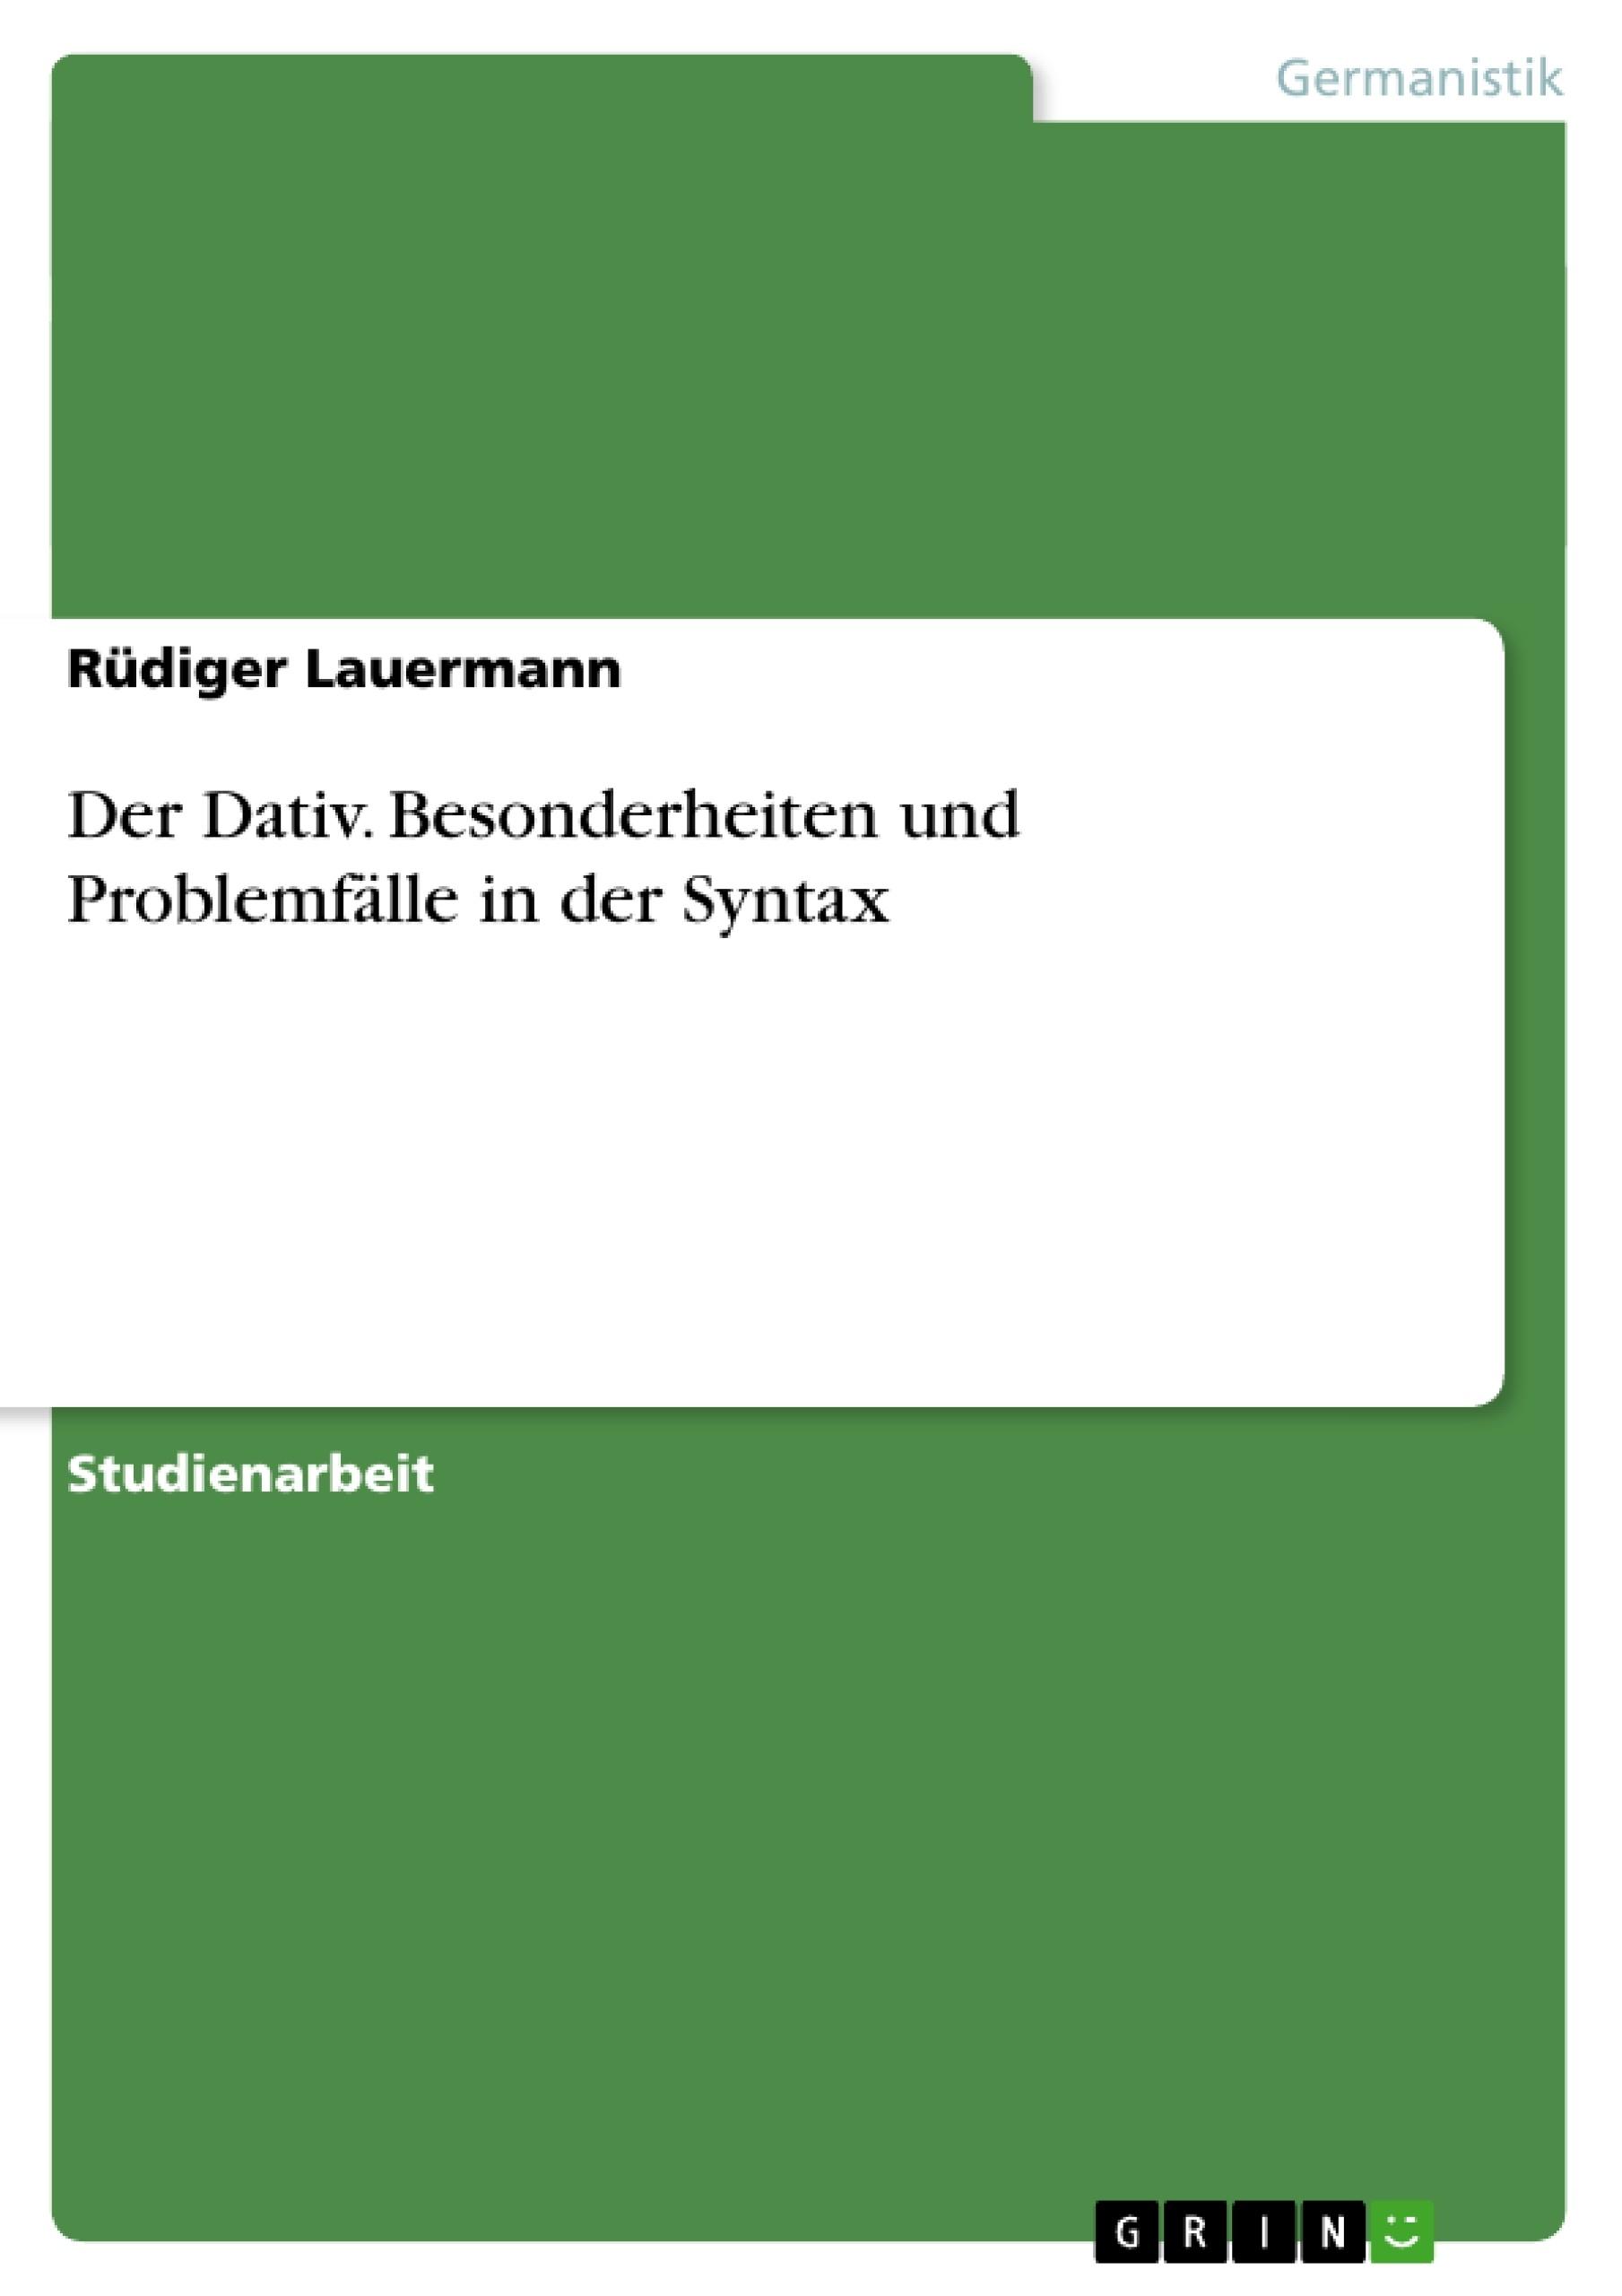 Titel: Der Dativ. Besonderheiten und Problemfälle in der Syntax